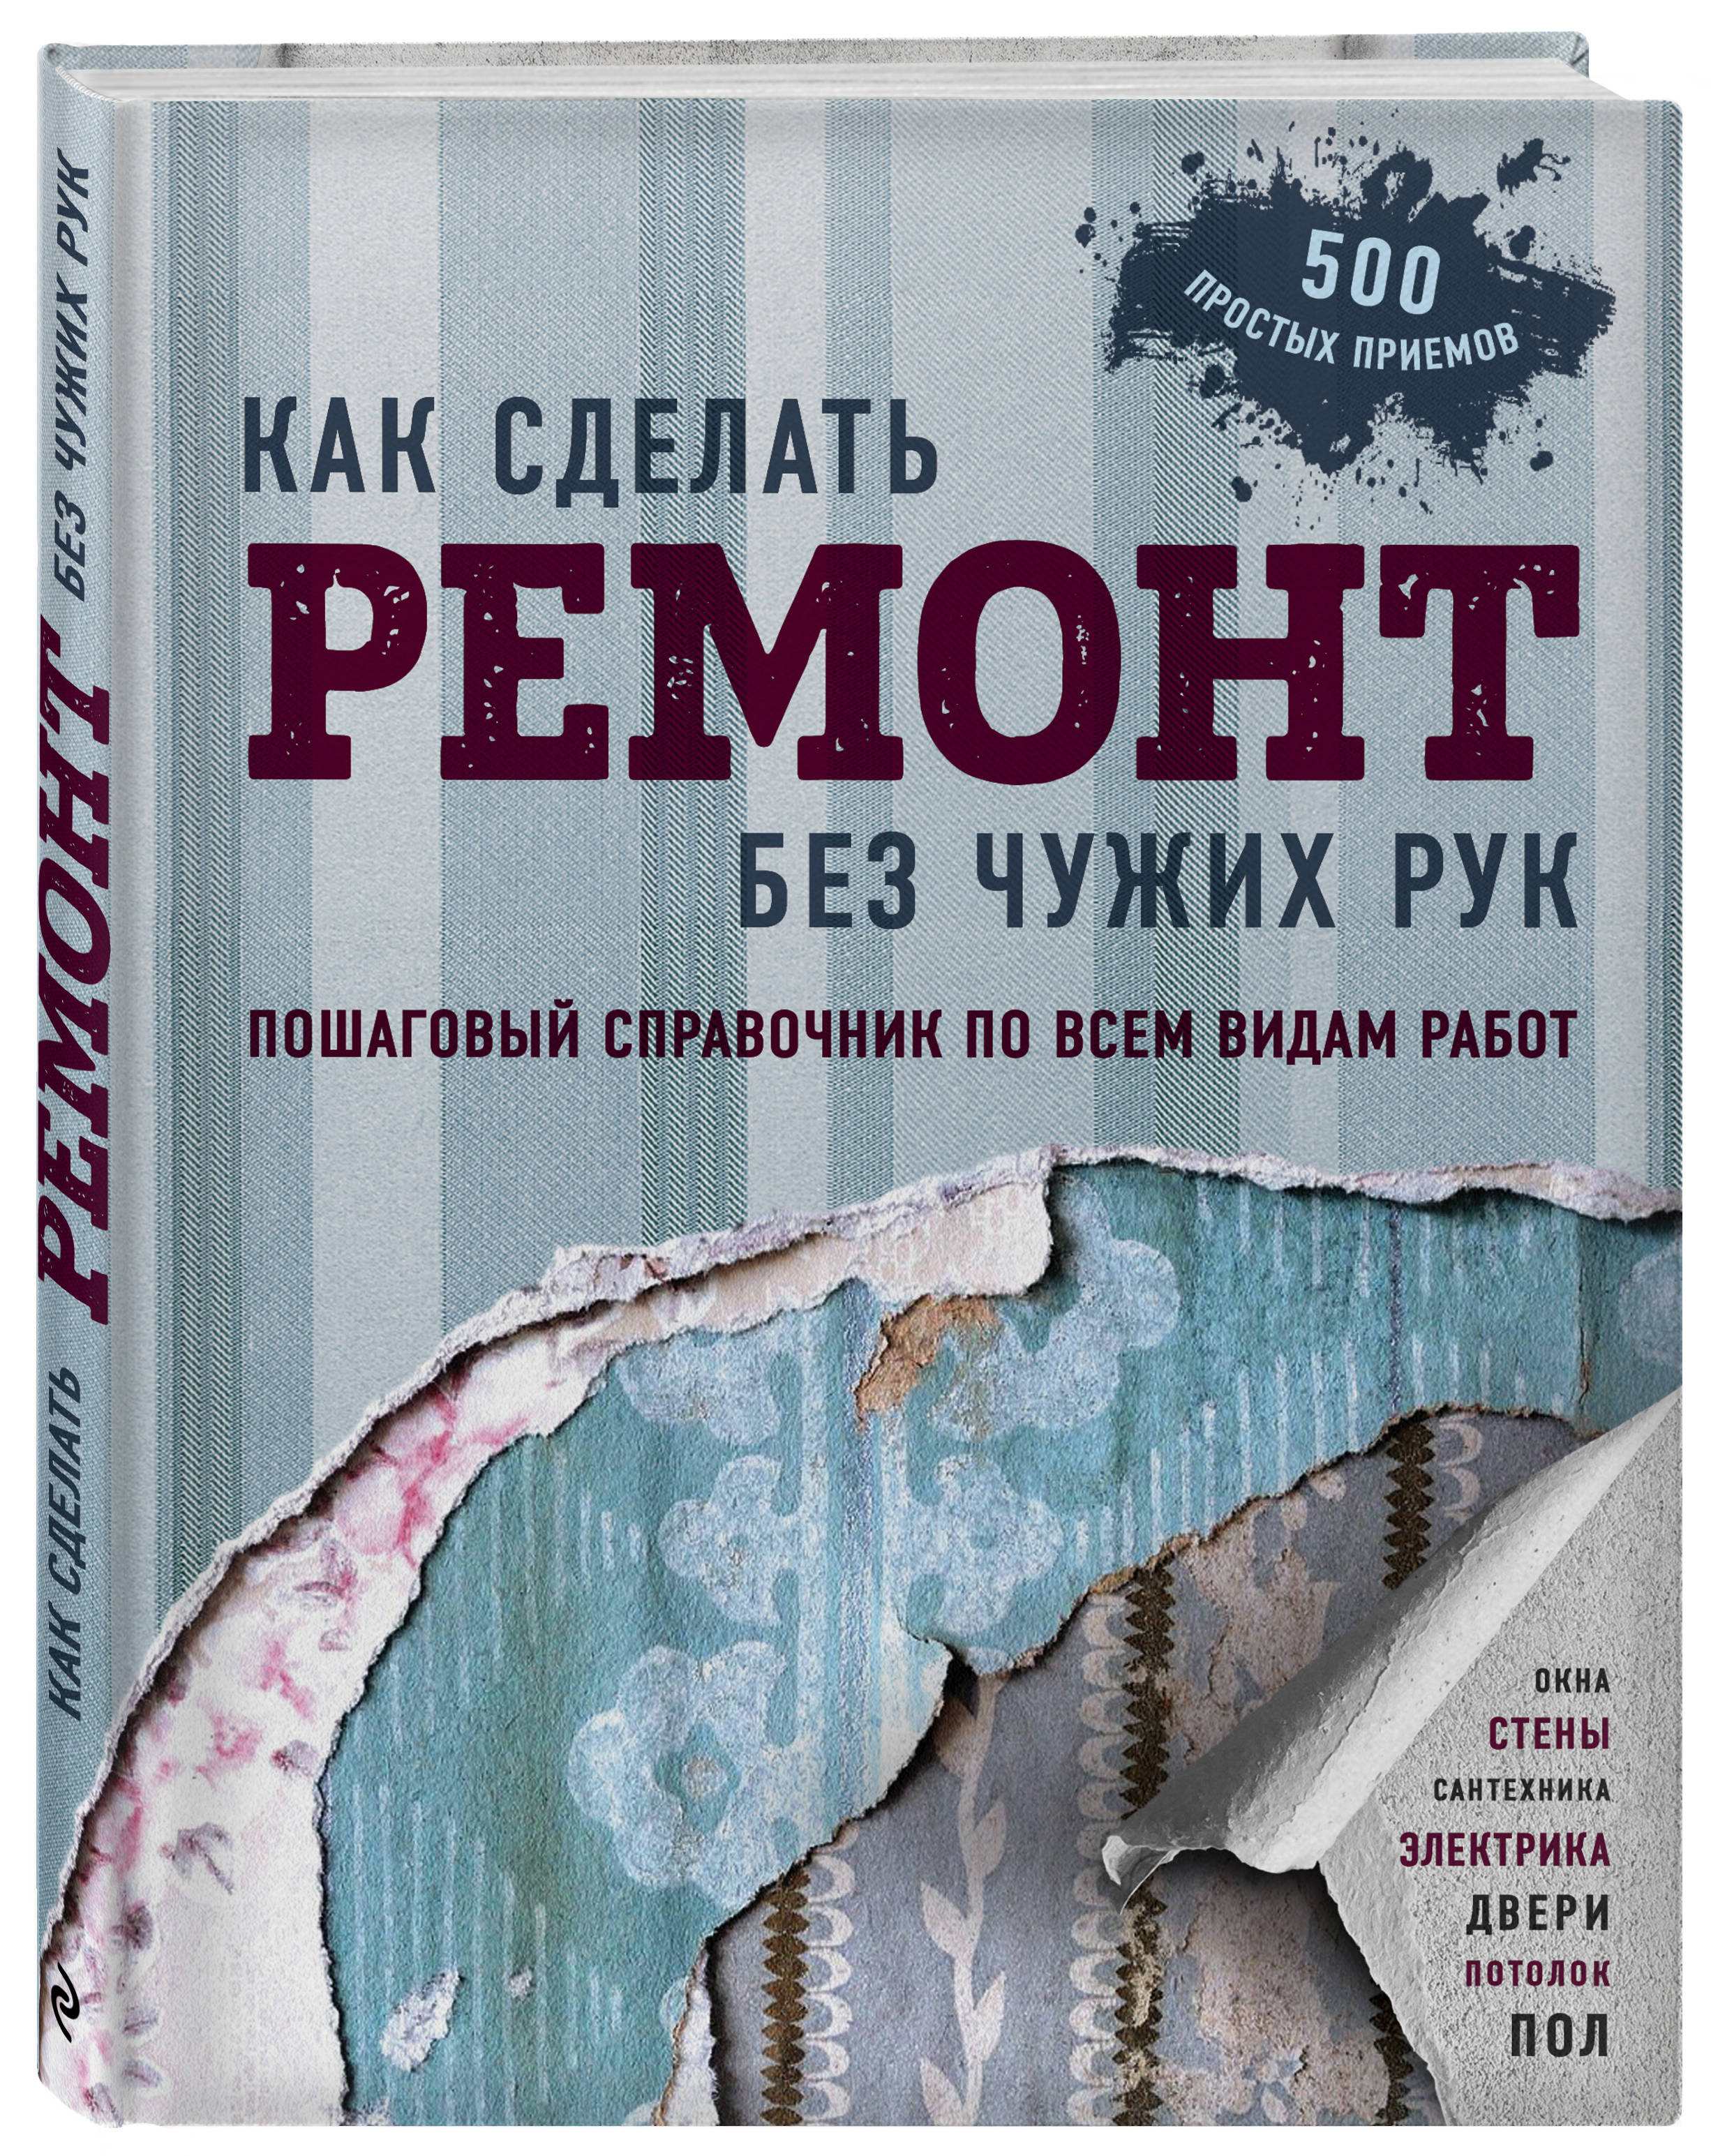 Как сделать ремонт без чужих рук. Пошаговый справочник по всем видам работ от book24.ru